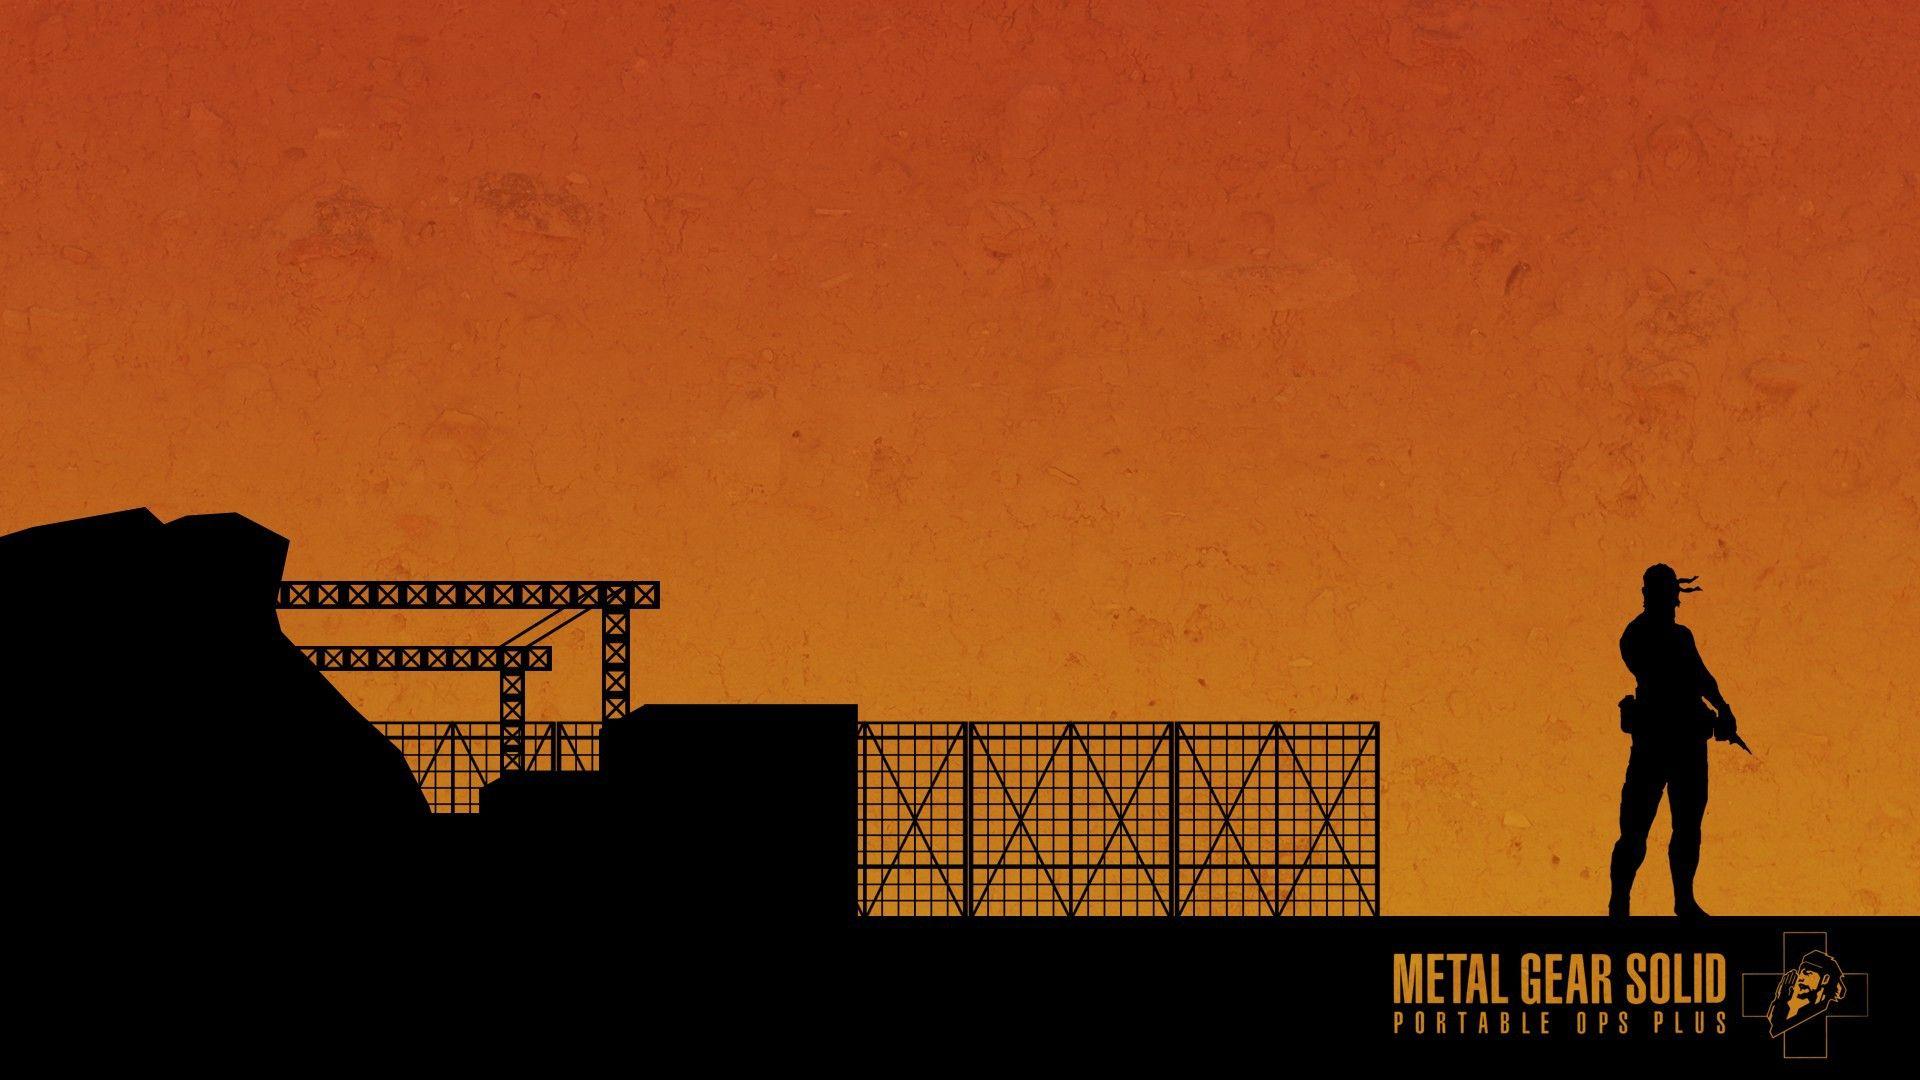 Big Boss Kojima Productions Ops Plus Mgspo Wallpaper Metal Gear Metal Gear Solid Metal Gear Rising